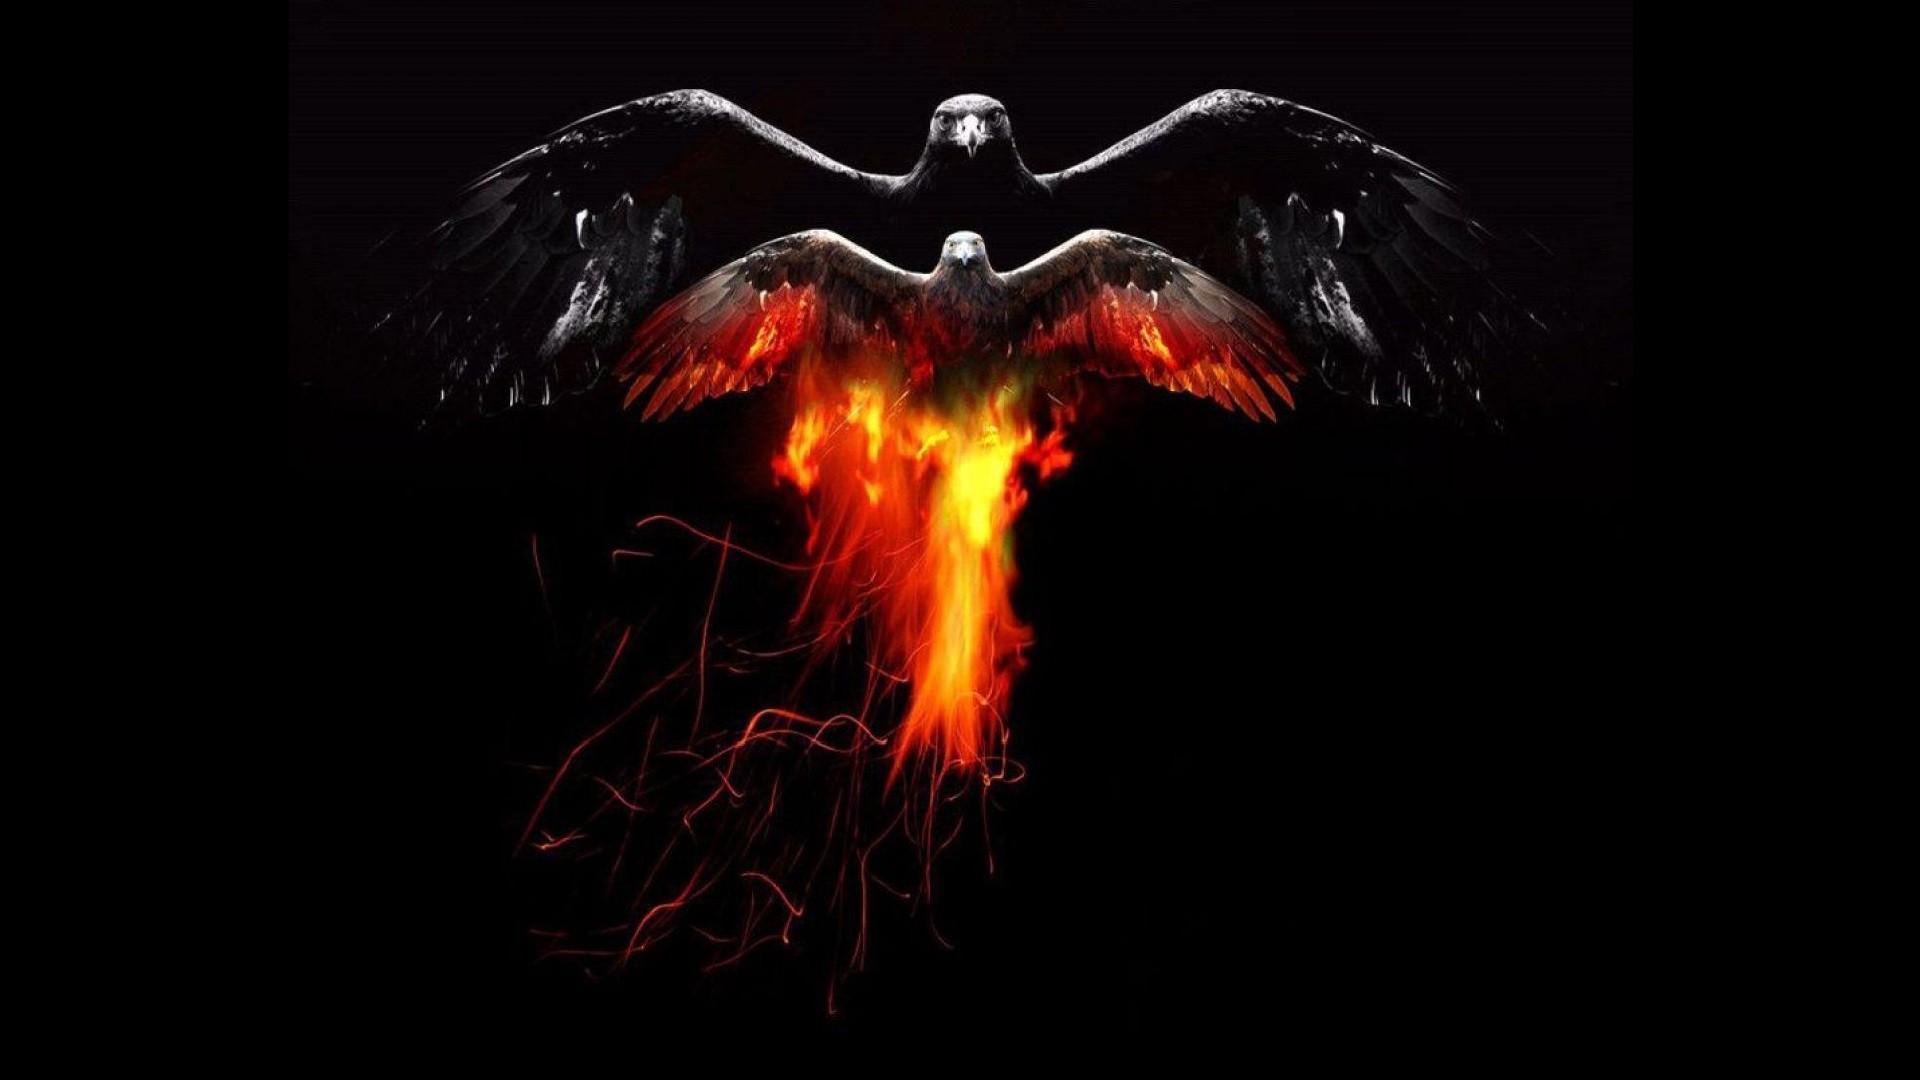 картинки ворона в огне